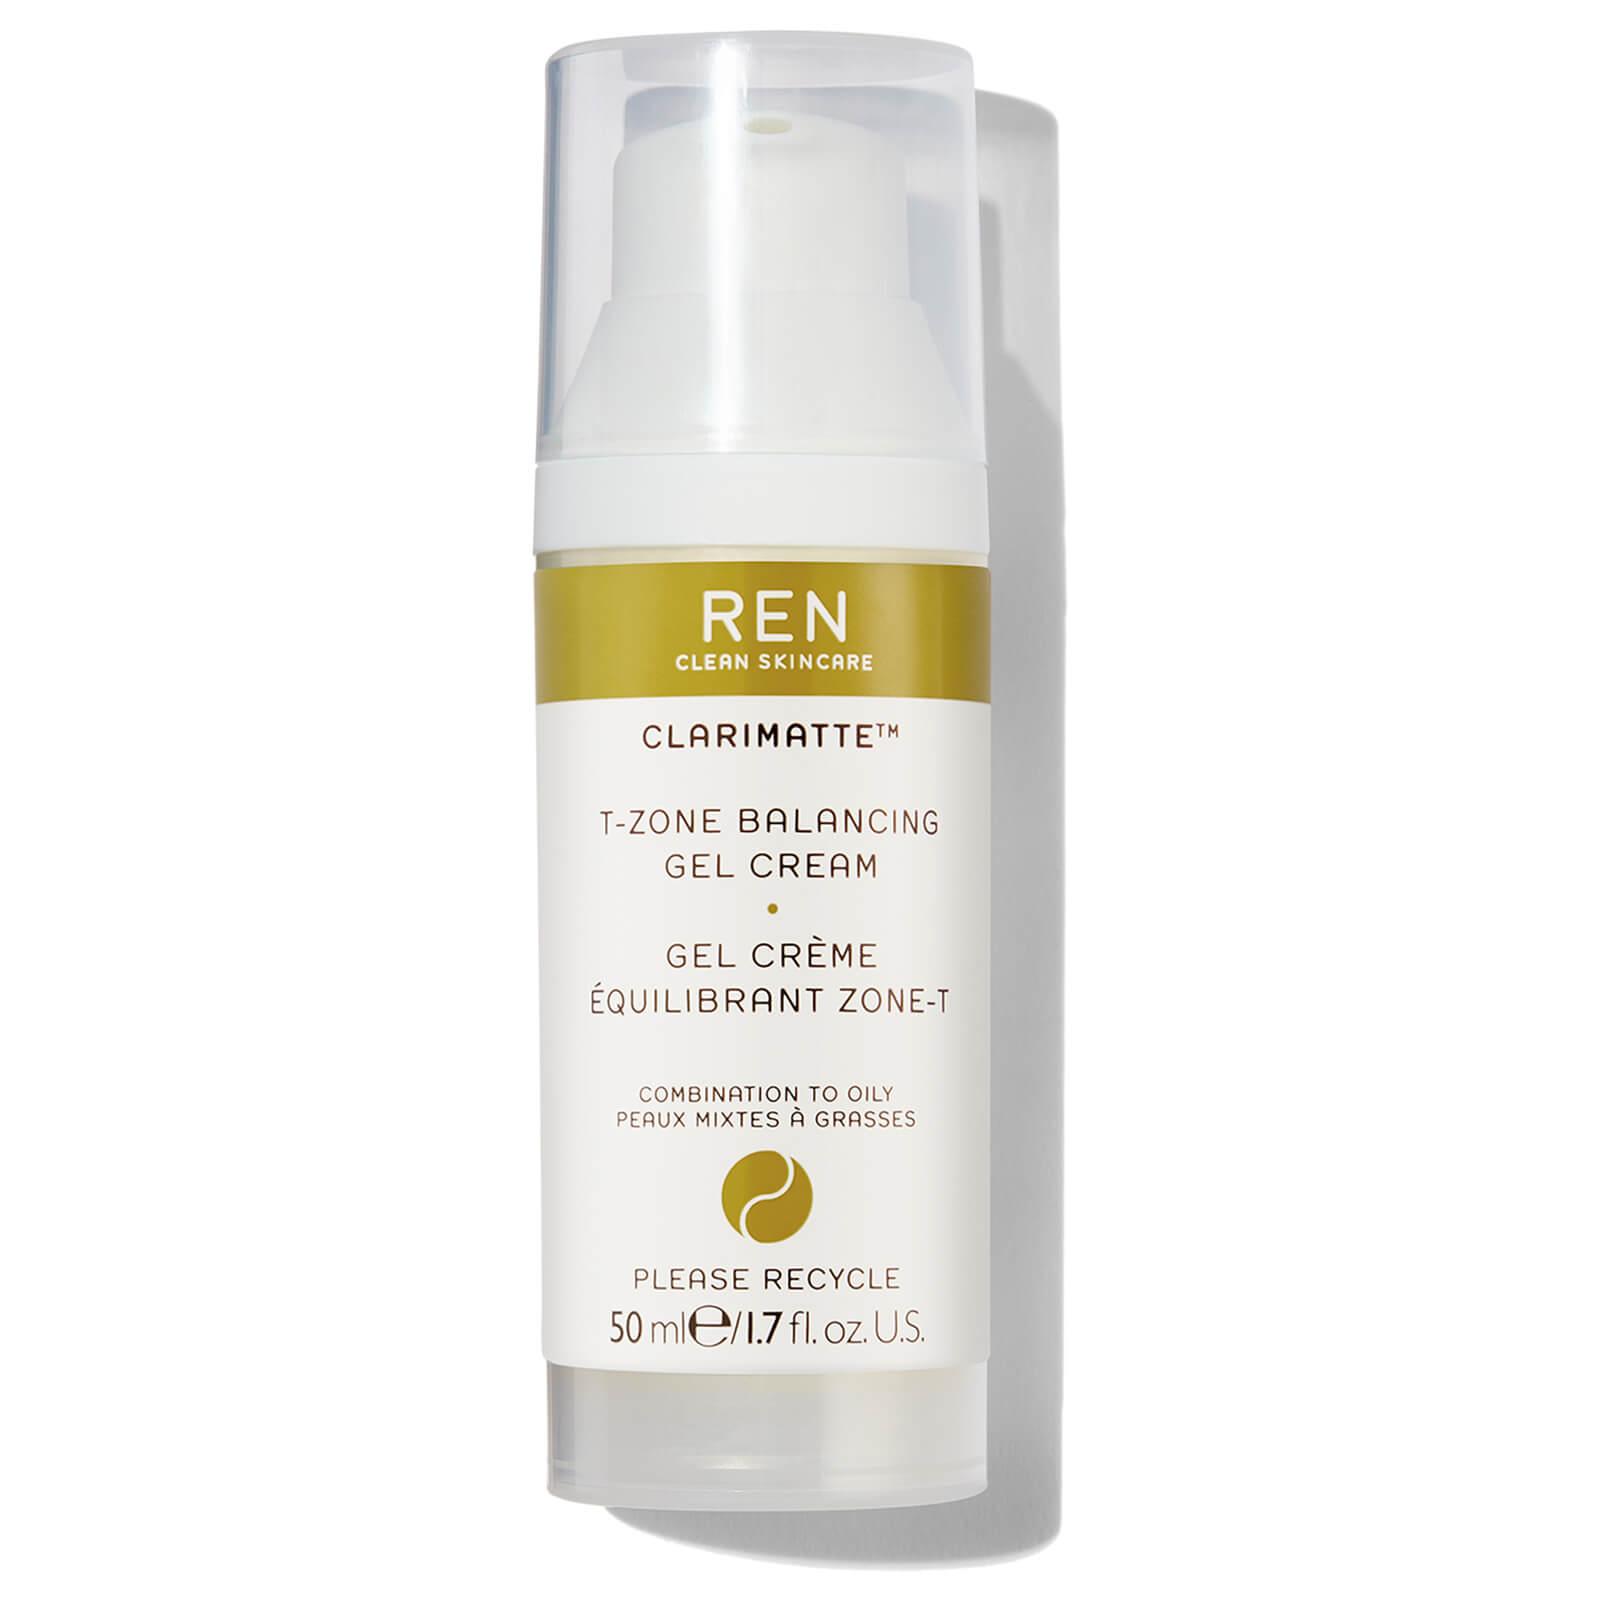 Купить Балансирующий гель-крем для Т-зоны REN Clarimatte™ T-Zone Balancing Gel Cream